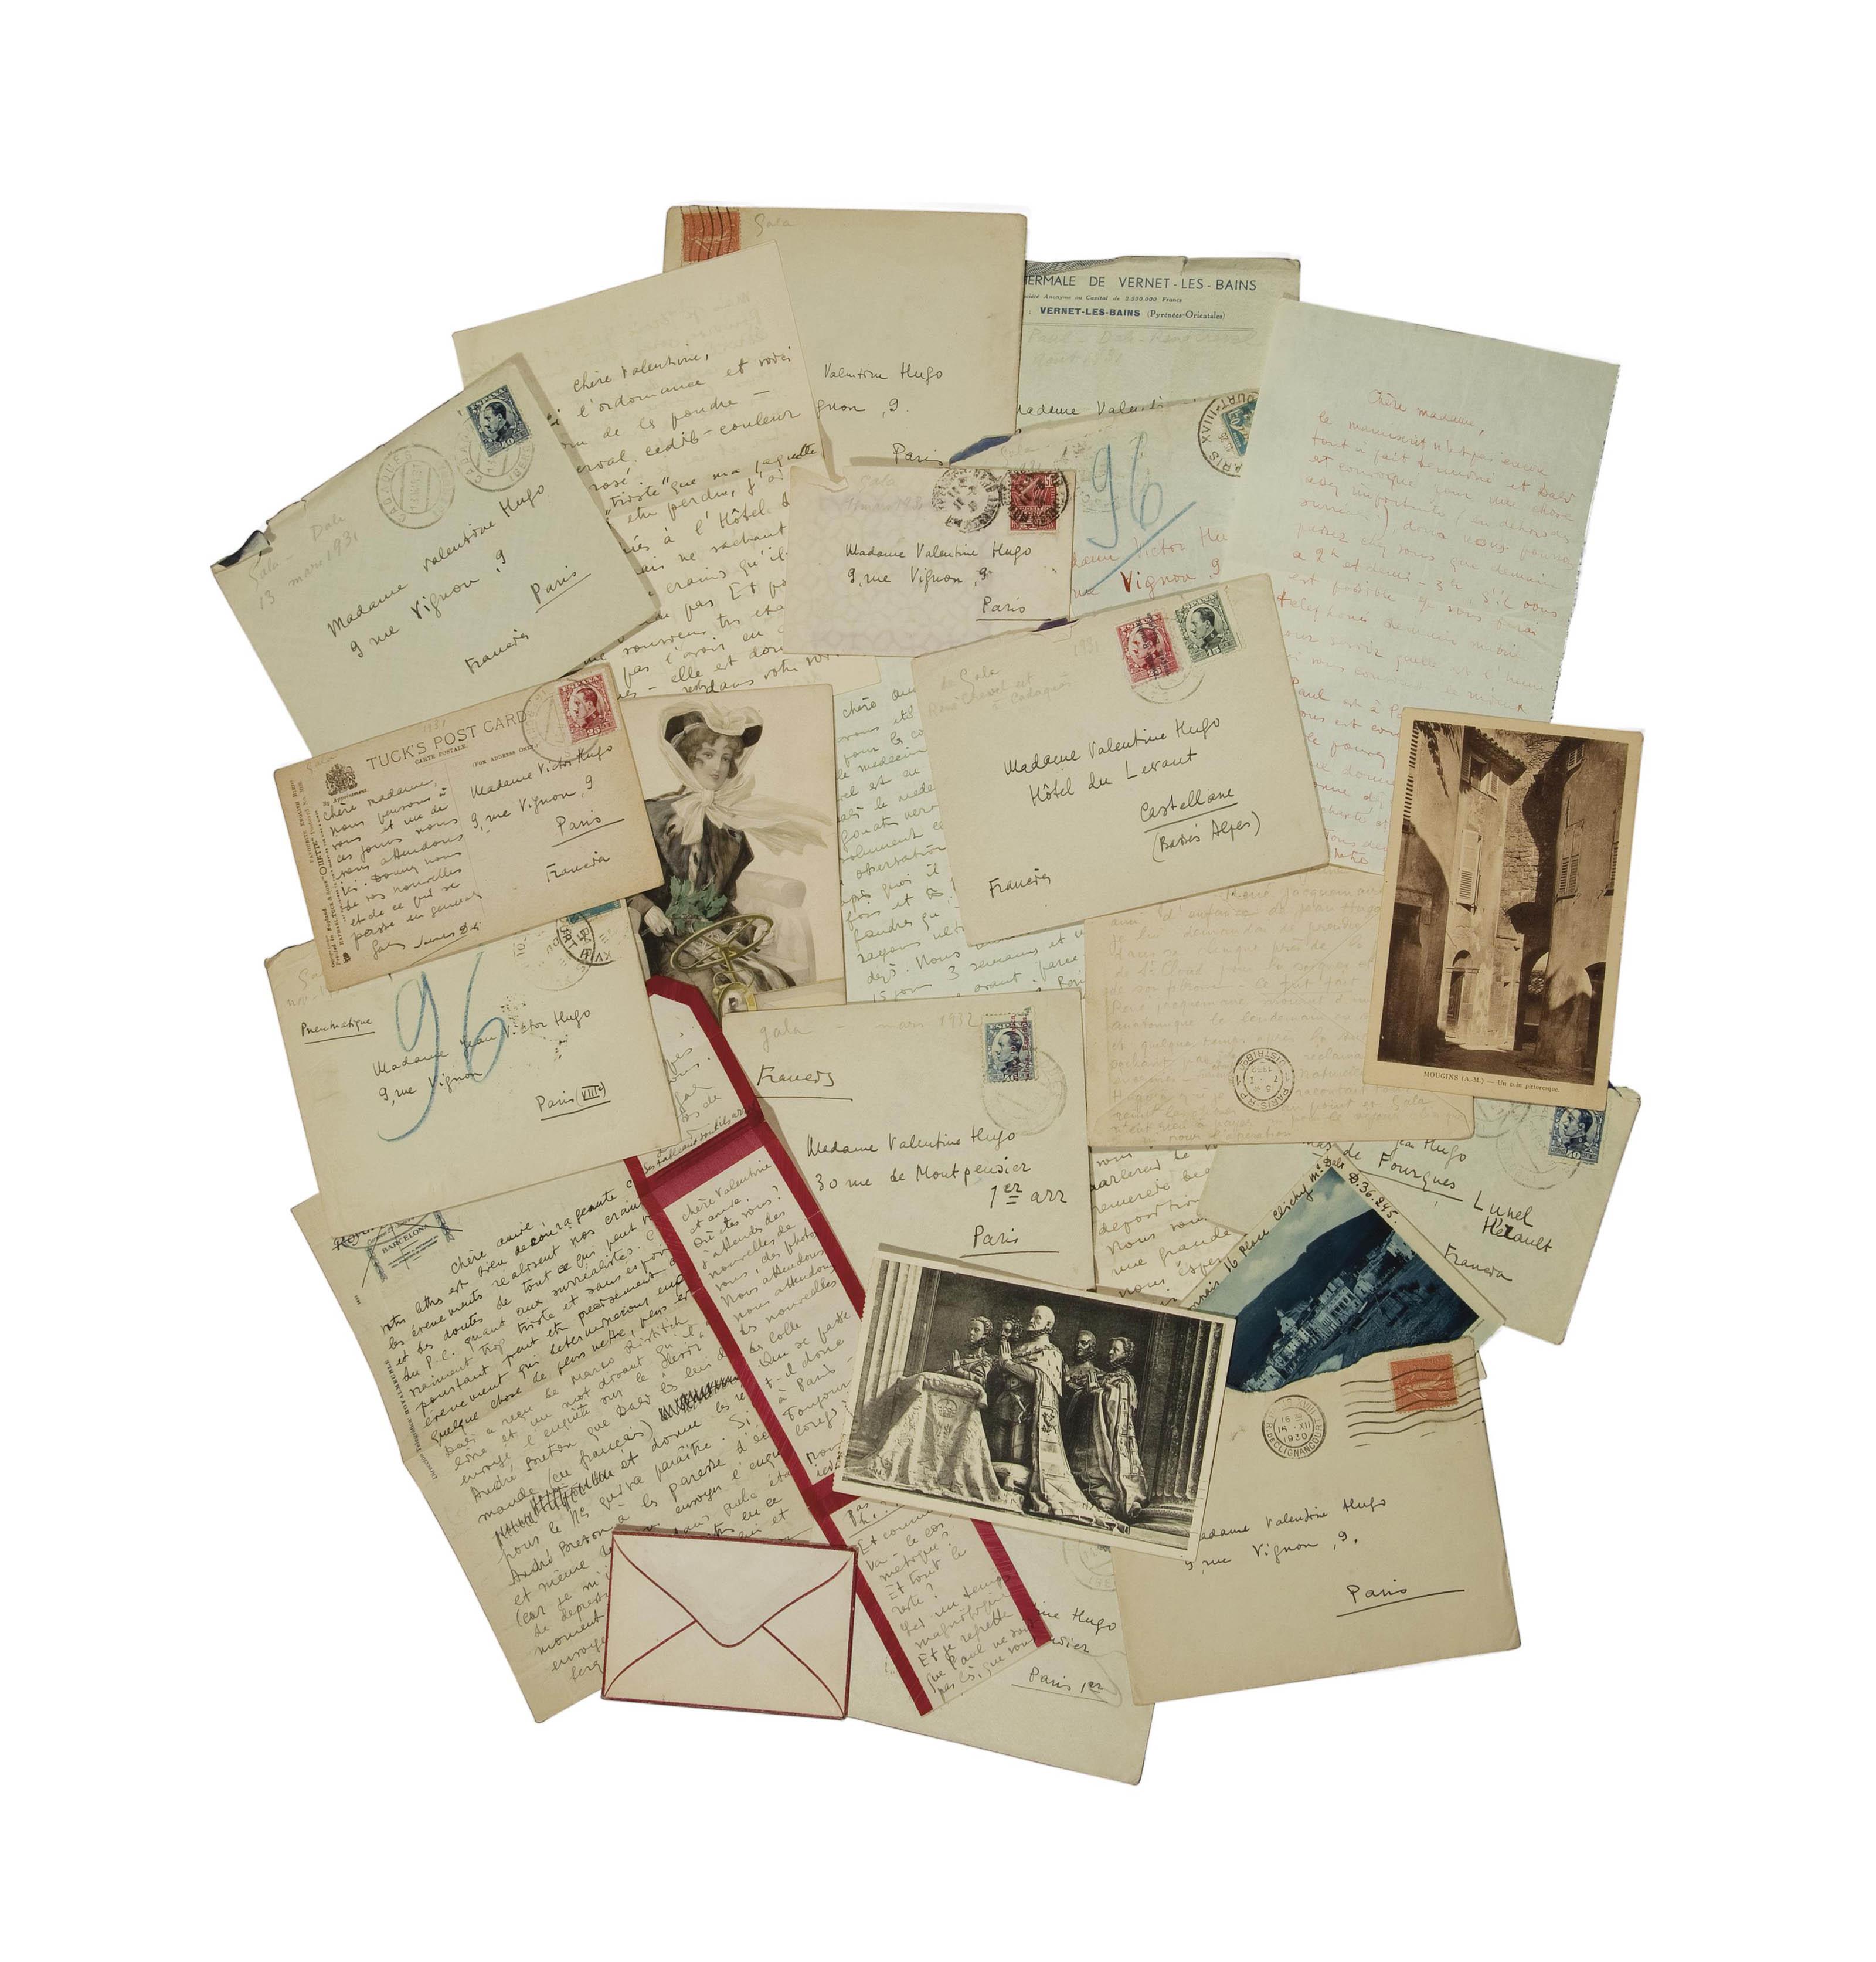 DALI, Gala (1894-1982). 23 lettres et cartes postales autographes signées adressées à Valentine Hugo, la plupart avec enveloppes. Sans date, entre 1930 et 1932 d'après les cachets postaux.